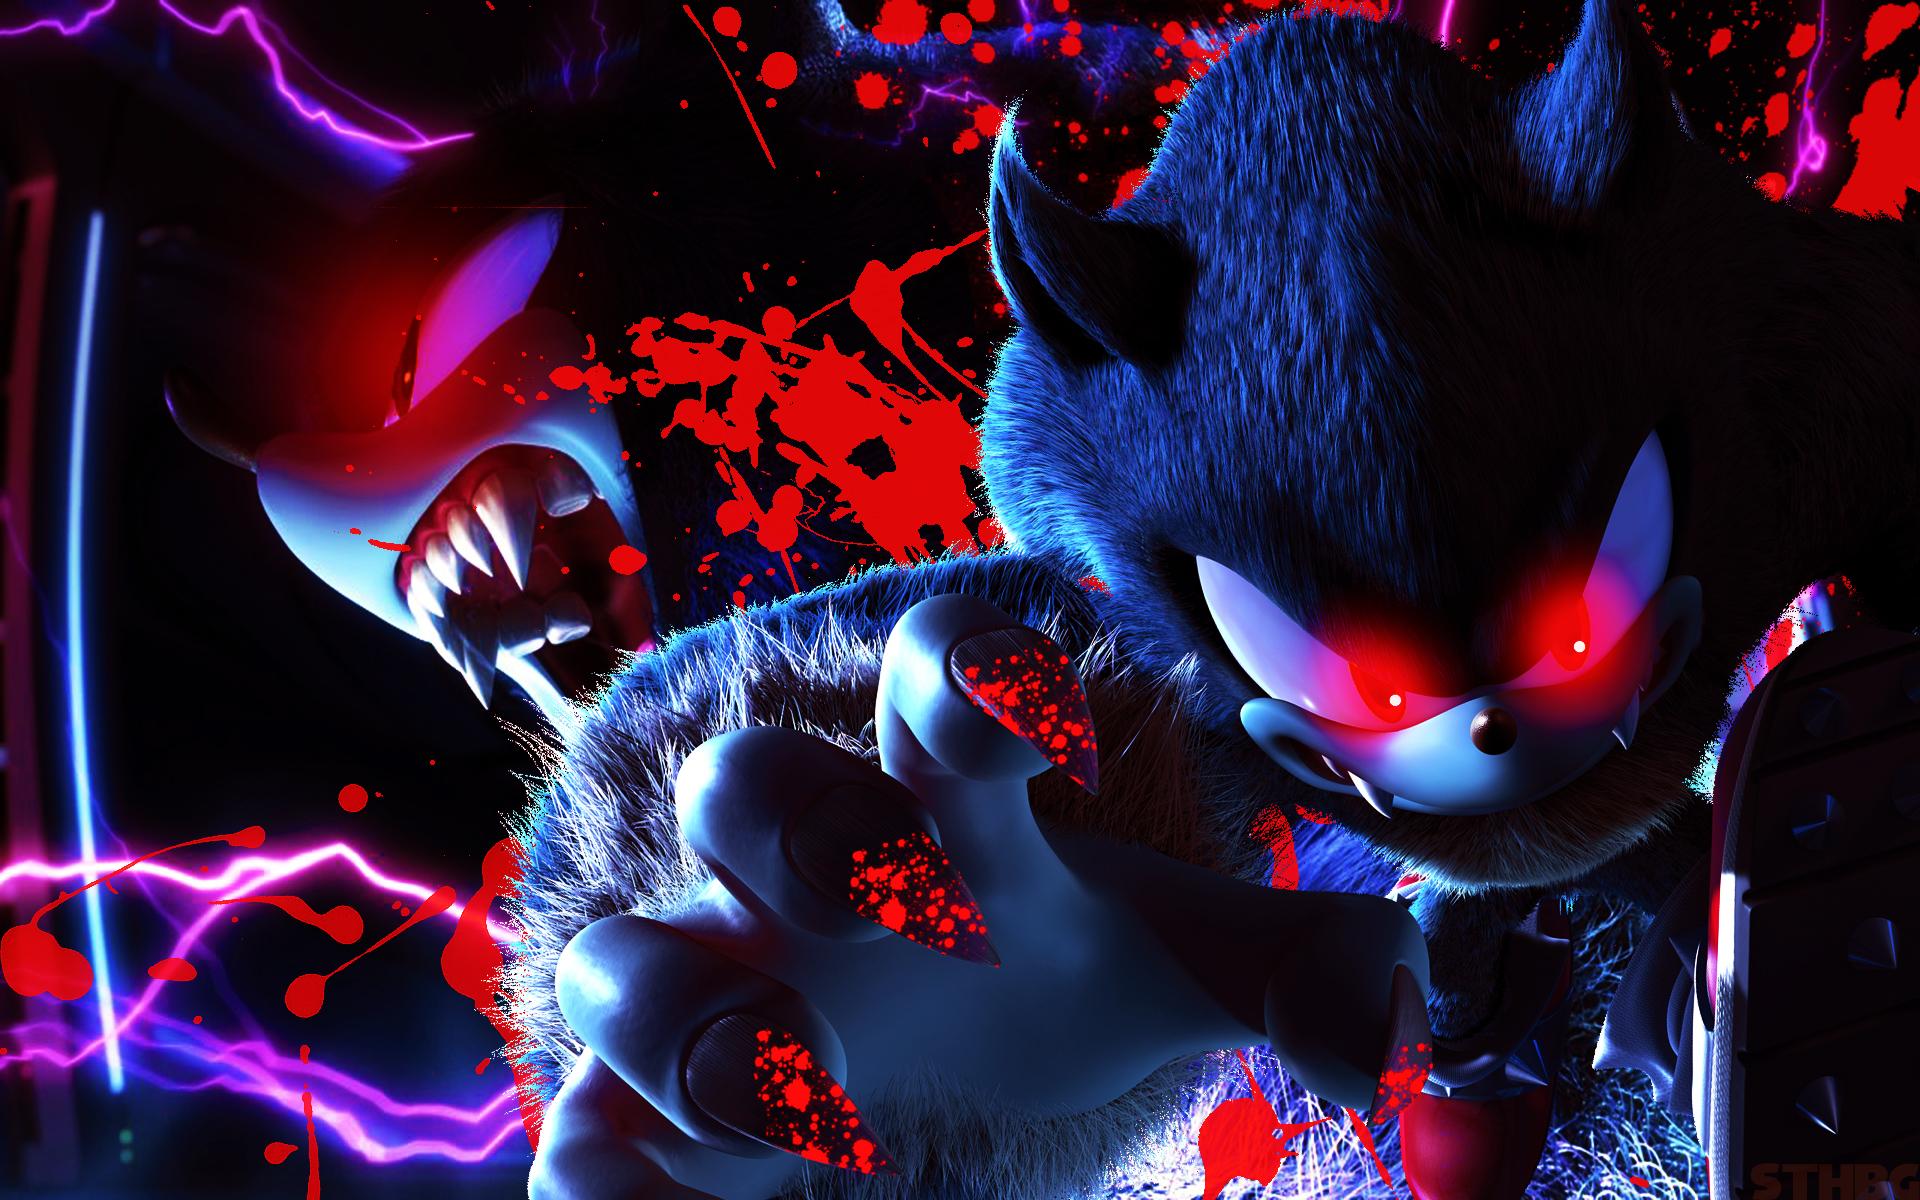 SonicTheHedgehogBG Dark Sonic The Werehog